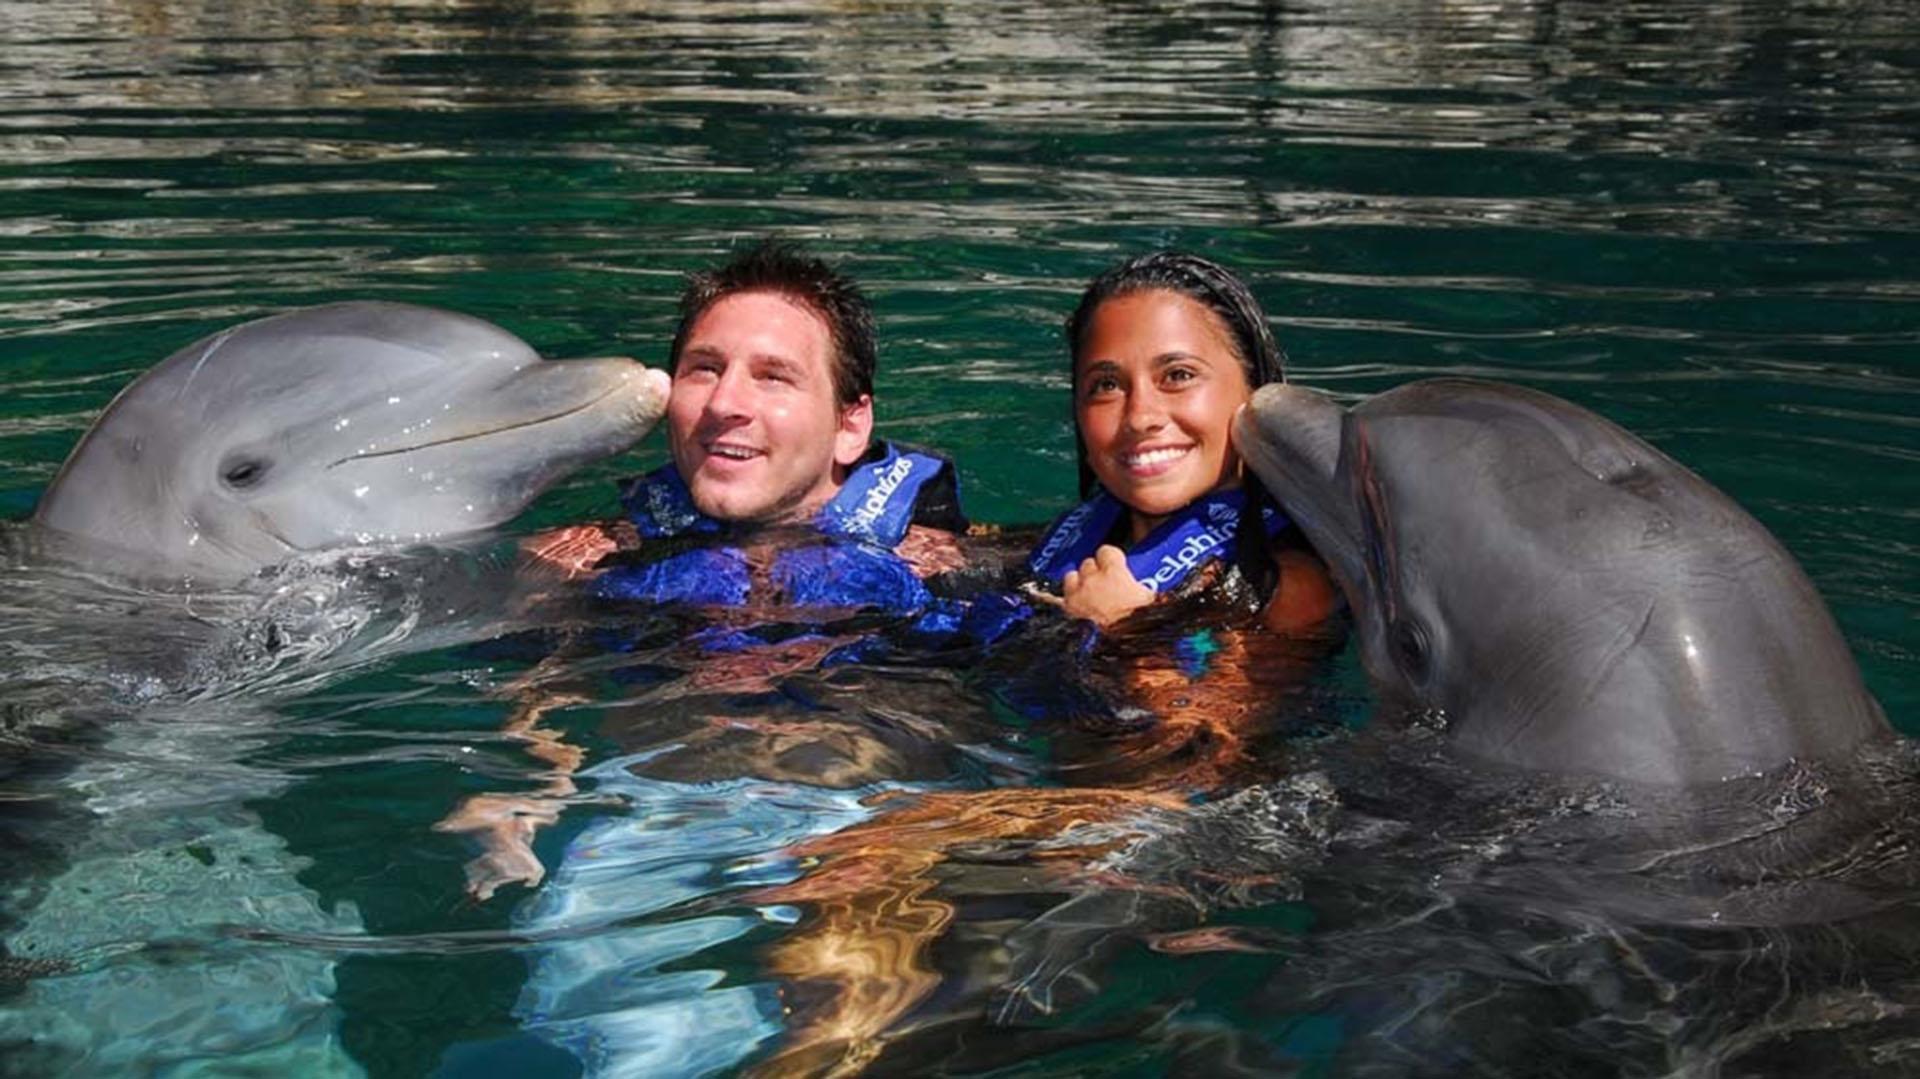 Después del Mundial de Sudáfrica en 2010, Antonela se fue a vivir a Barcelona con Messi. Finalizado el campeonato viajaron a Cancún, México, donde descansaron y se permitieron nadar con delfines en la Riviera Maya